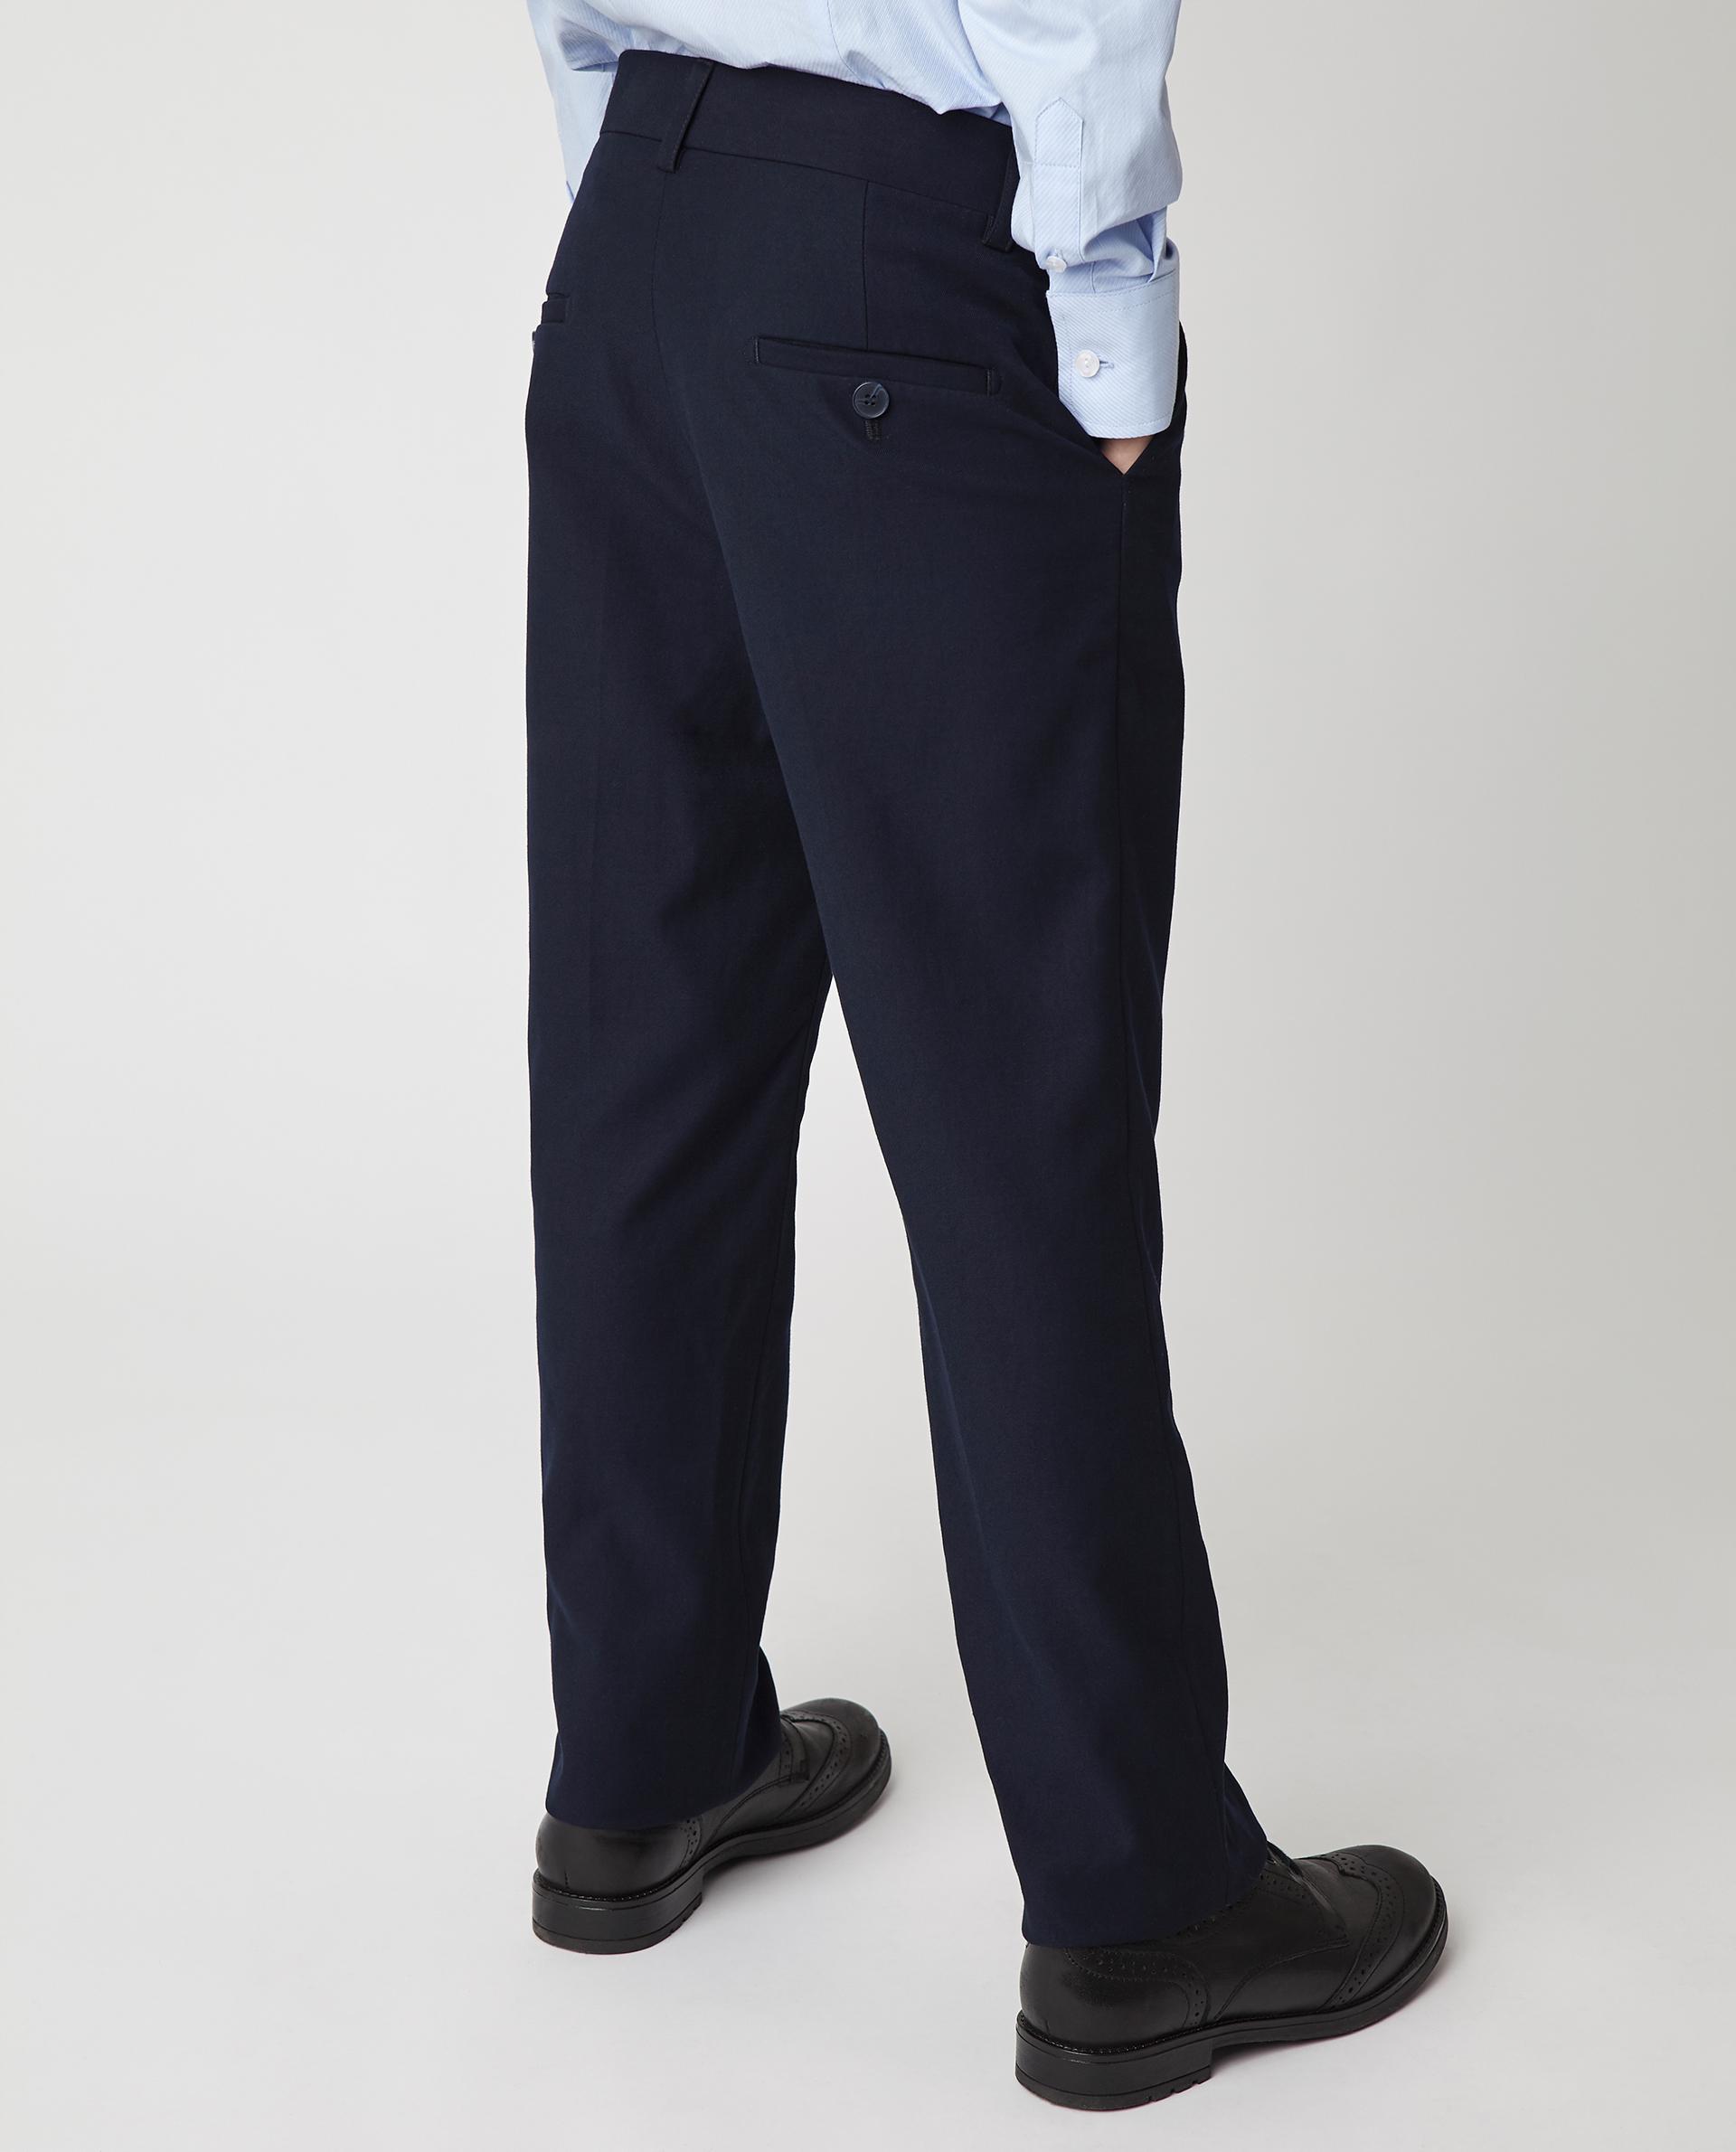 Купить Синие брюки Gulliver 220GSBC6302, размер 170, Брюки для мальчиков